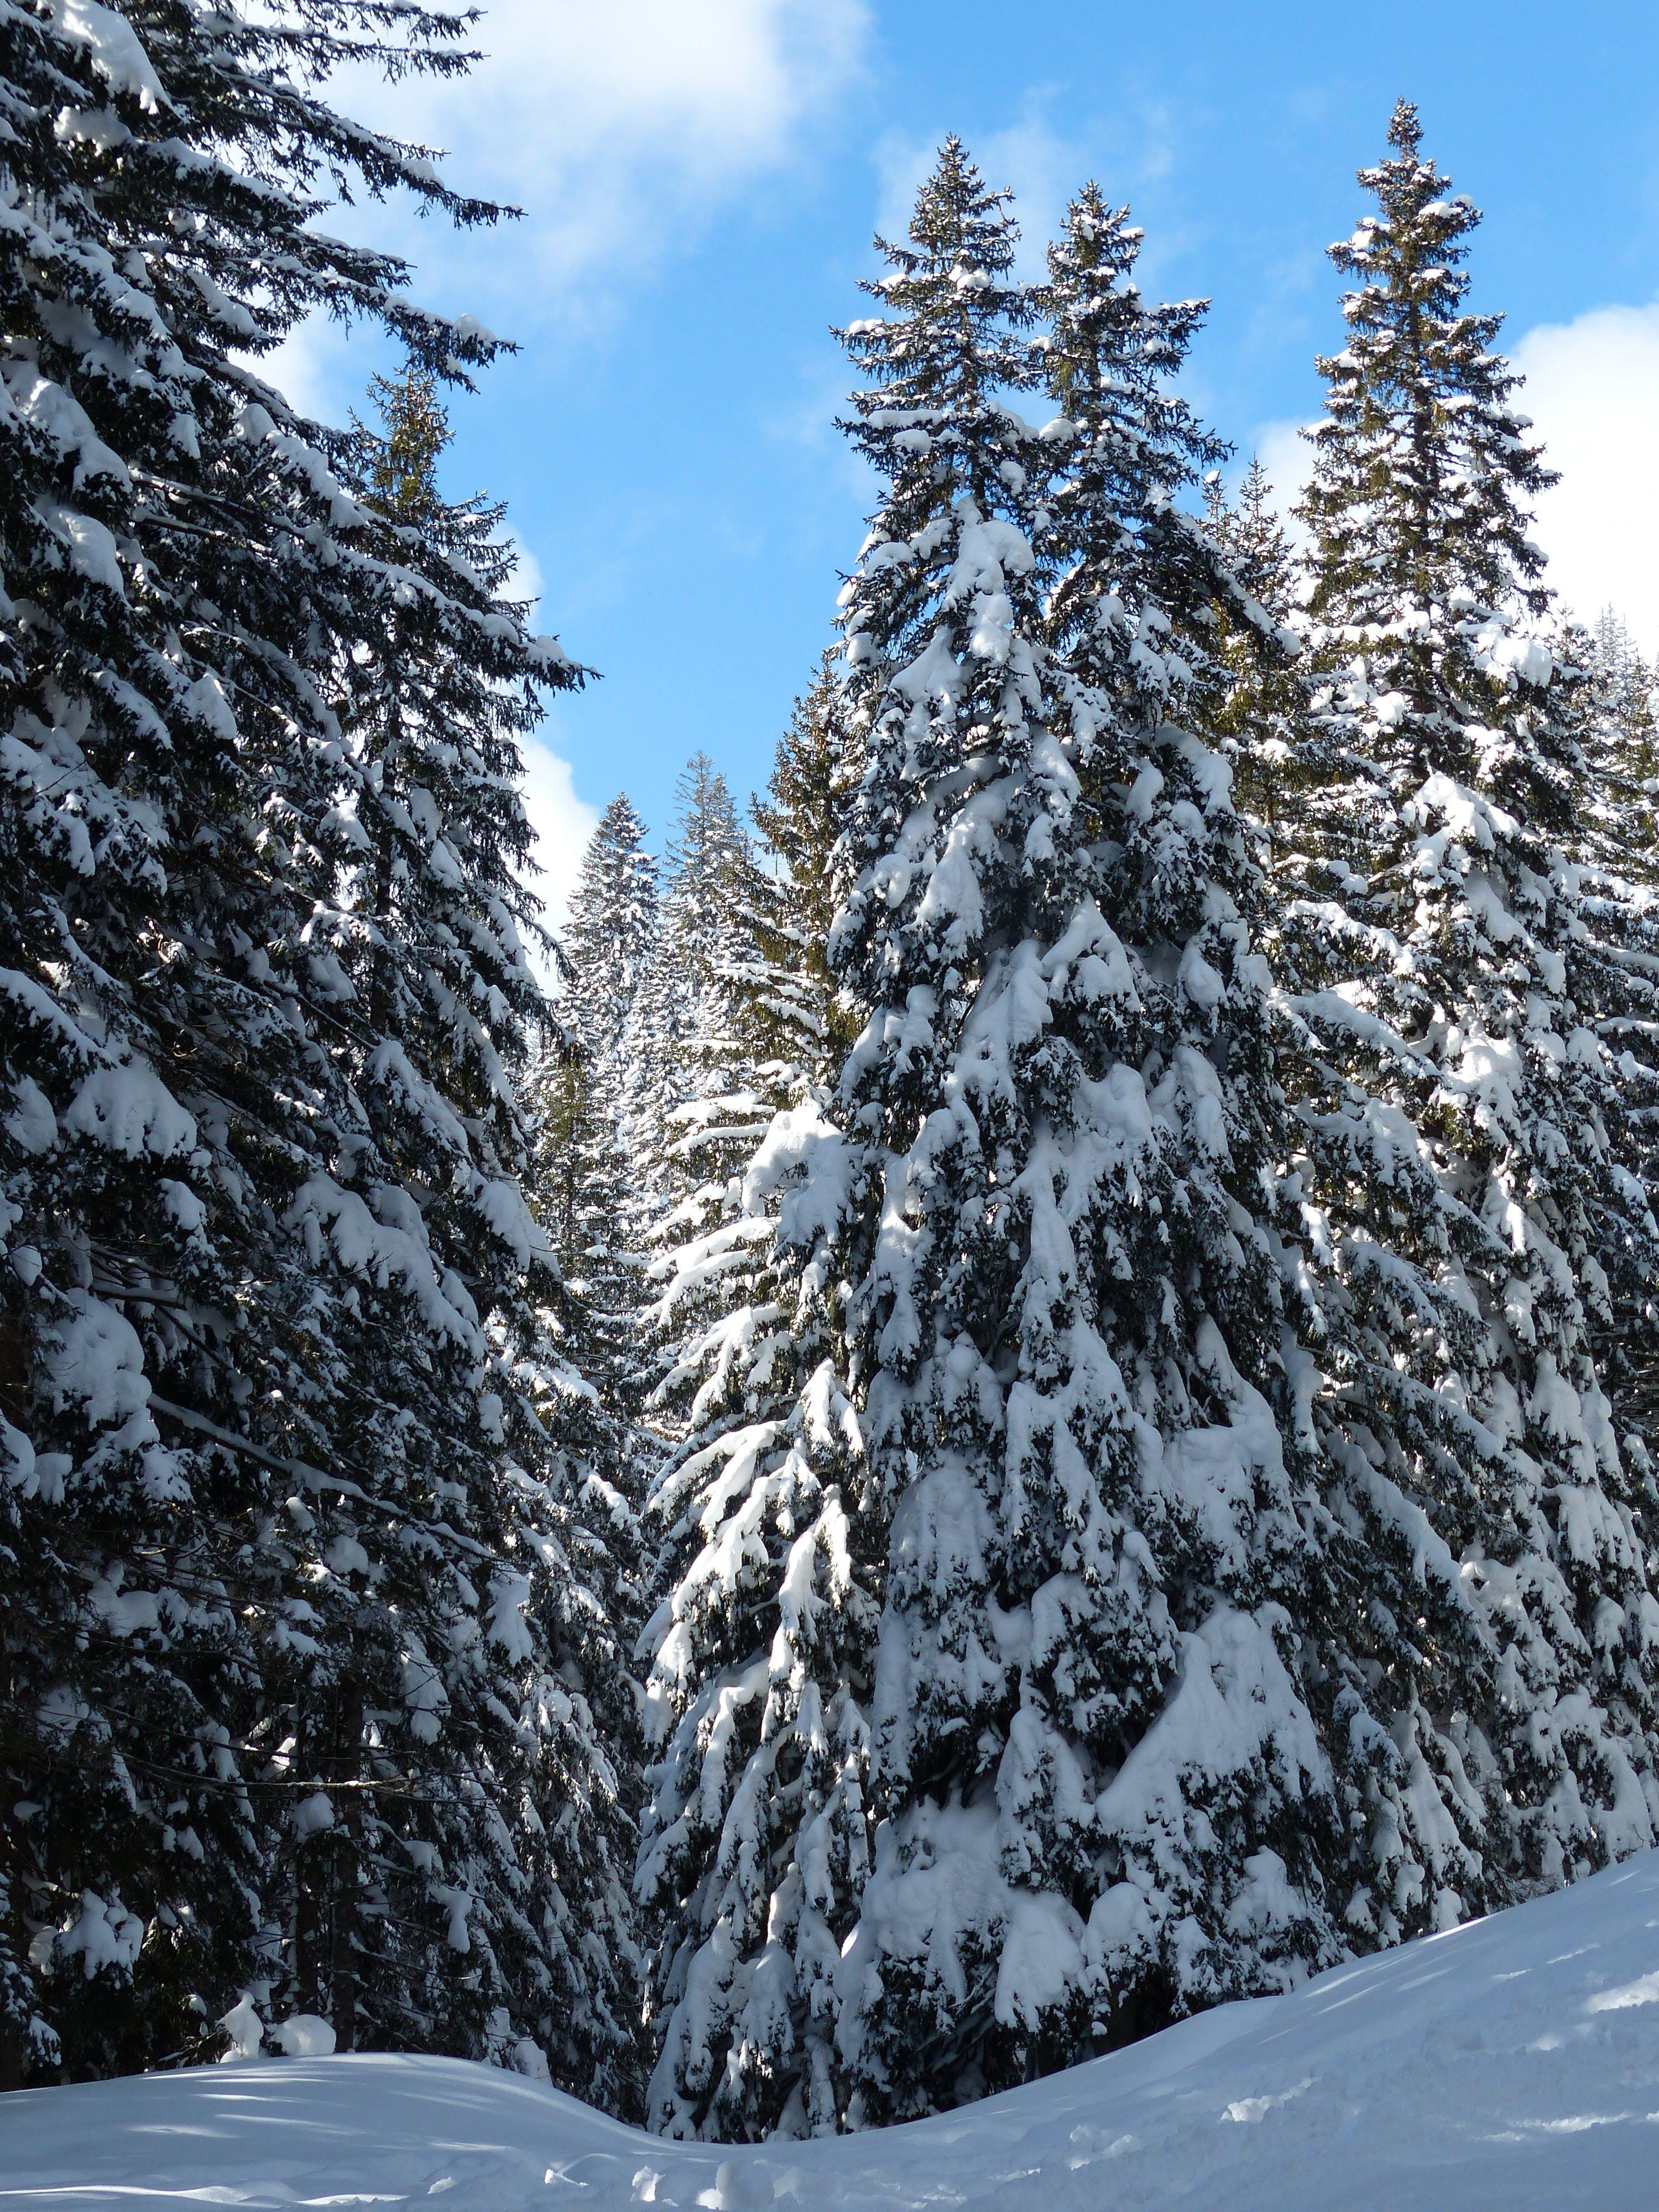 감기, 겨울, 눈, 자연의 무료 스톡 사진